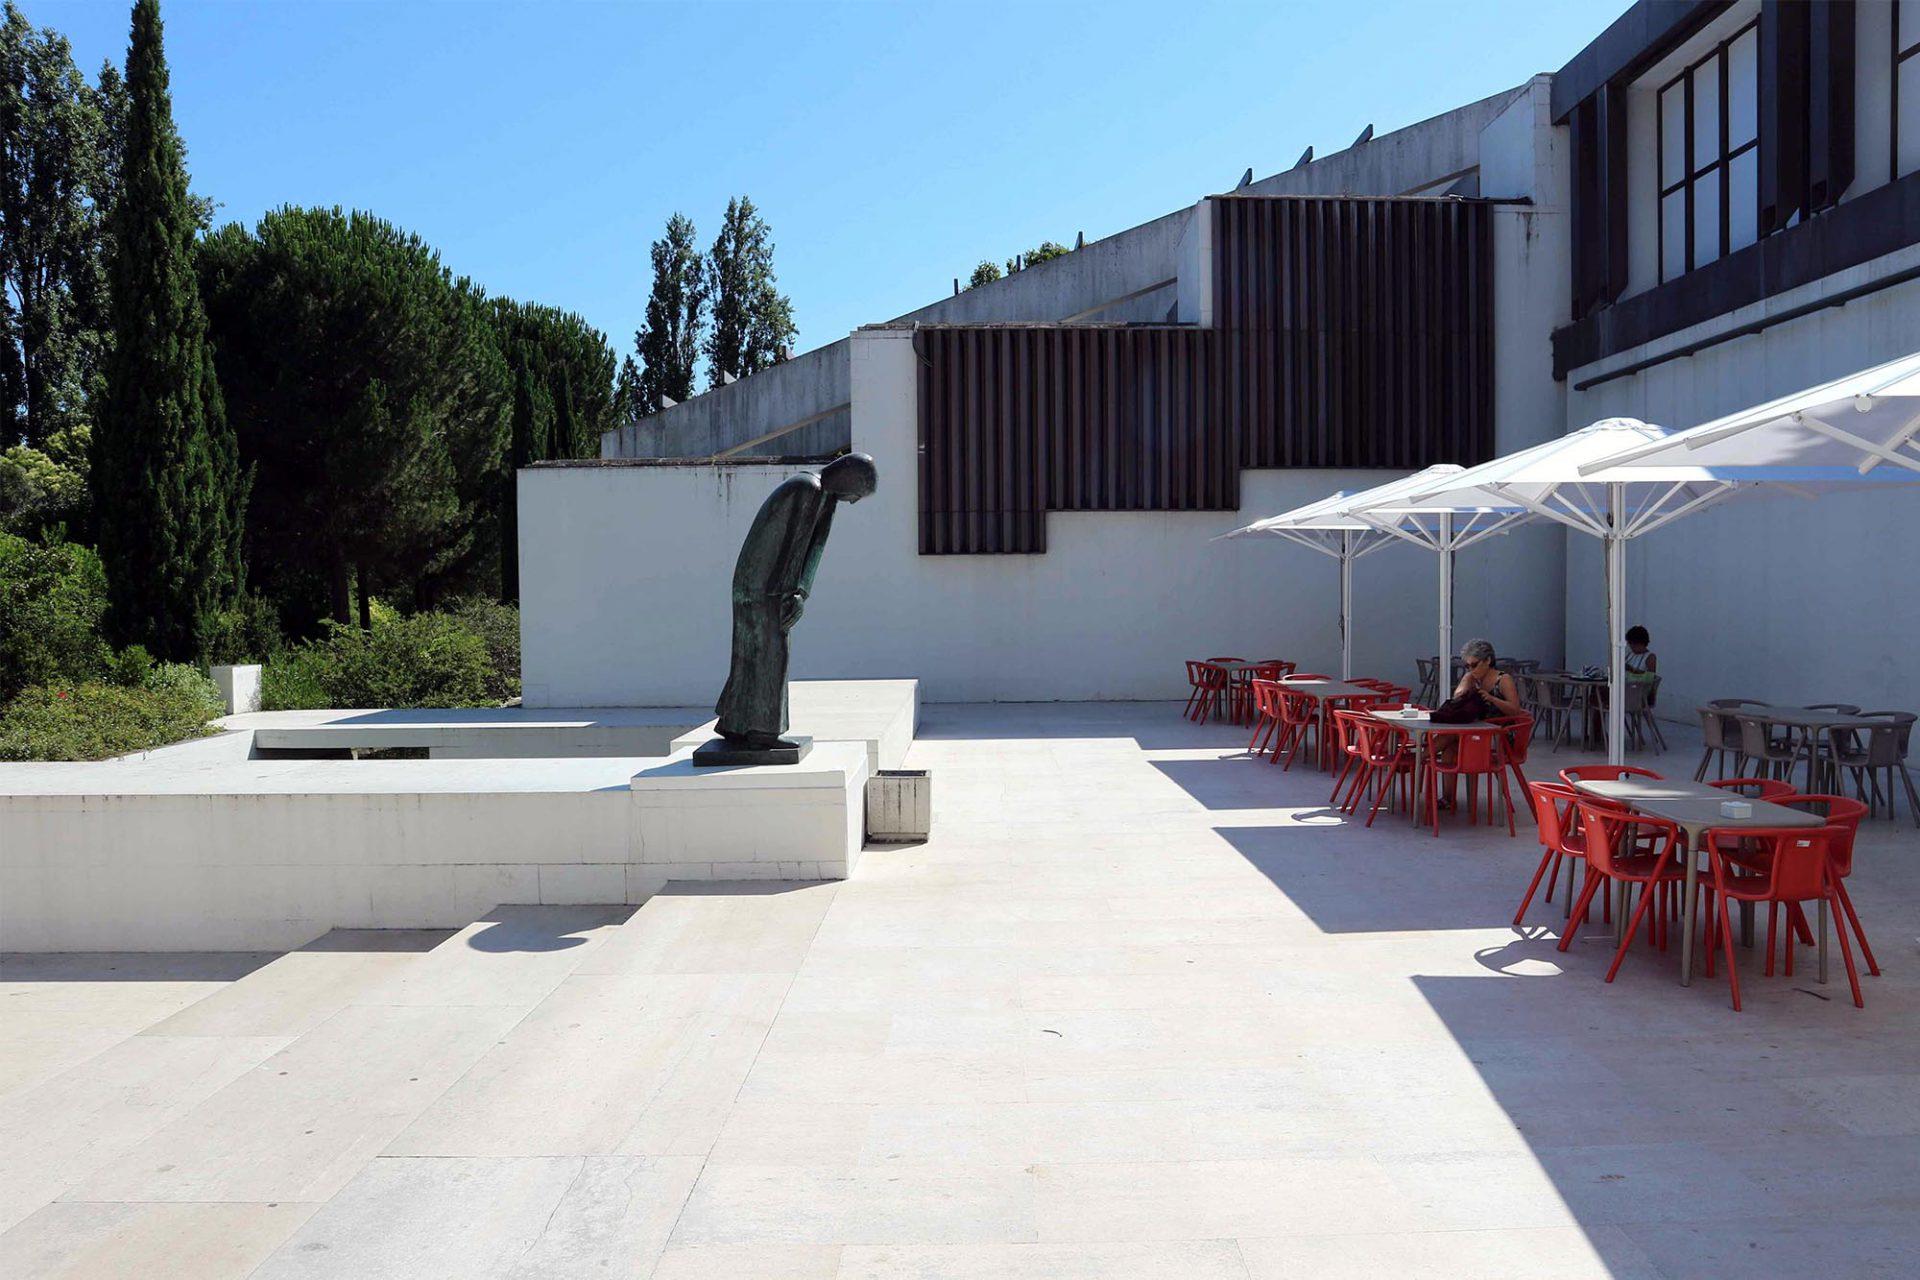 Die Erweiterung. So entstand zwischen 1977 und 1983 und in Reaktion auf die junge Demokratie Portugals (1974) und in Anlehnung an das Pariser Centre Pompidou (1979) das neue CAM – Centro Arte de Moderna (Museum für zeitgenössische Kunst).